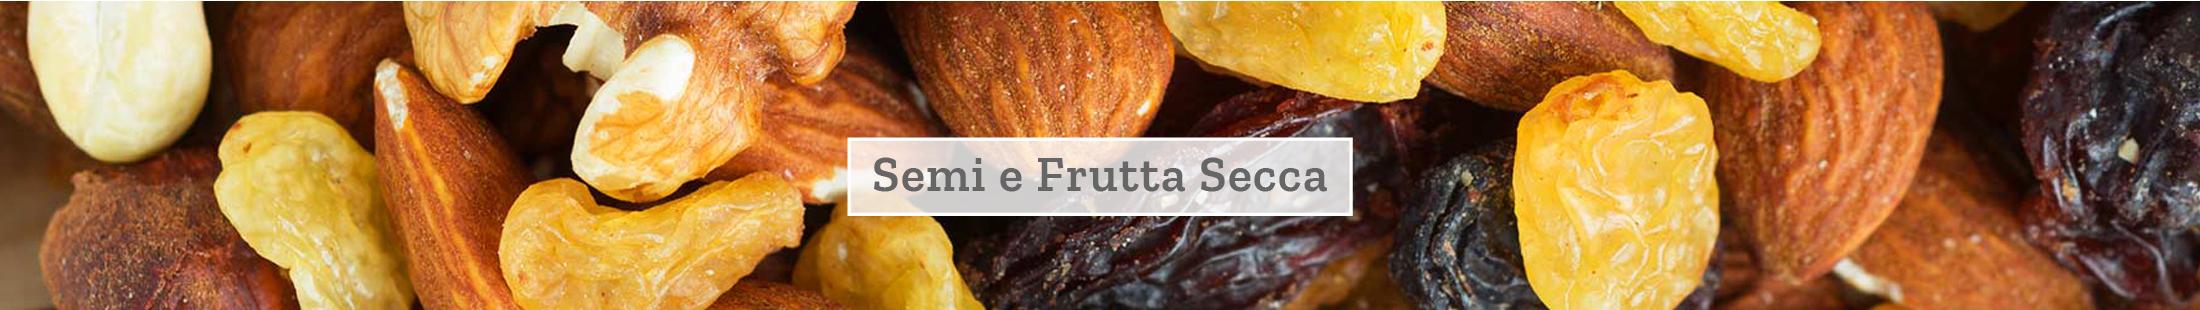 Semi e frutta secca